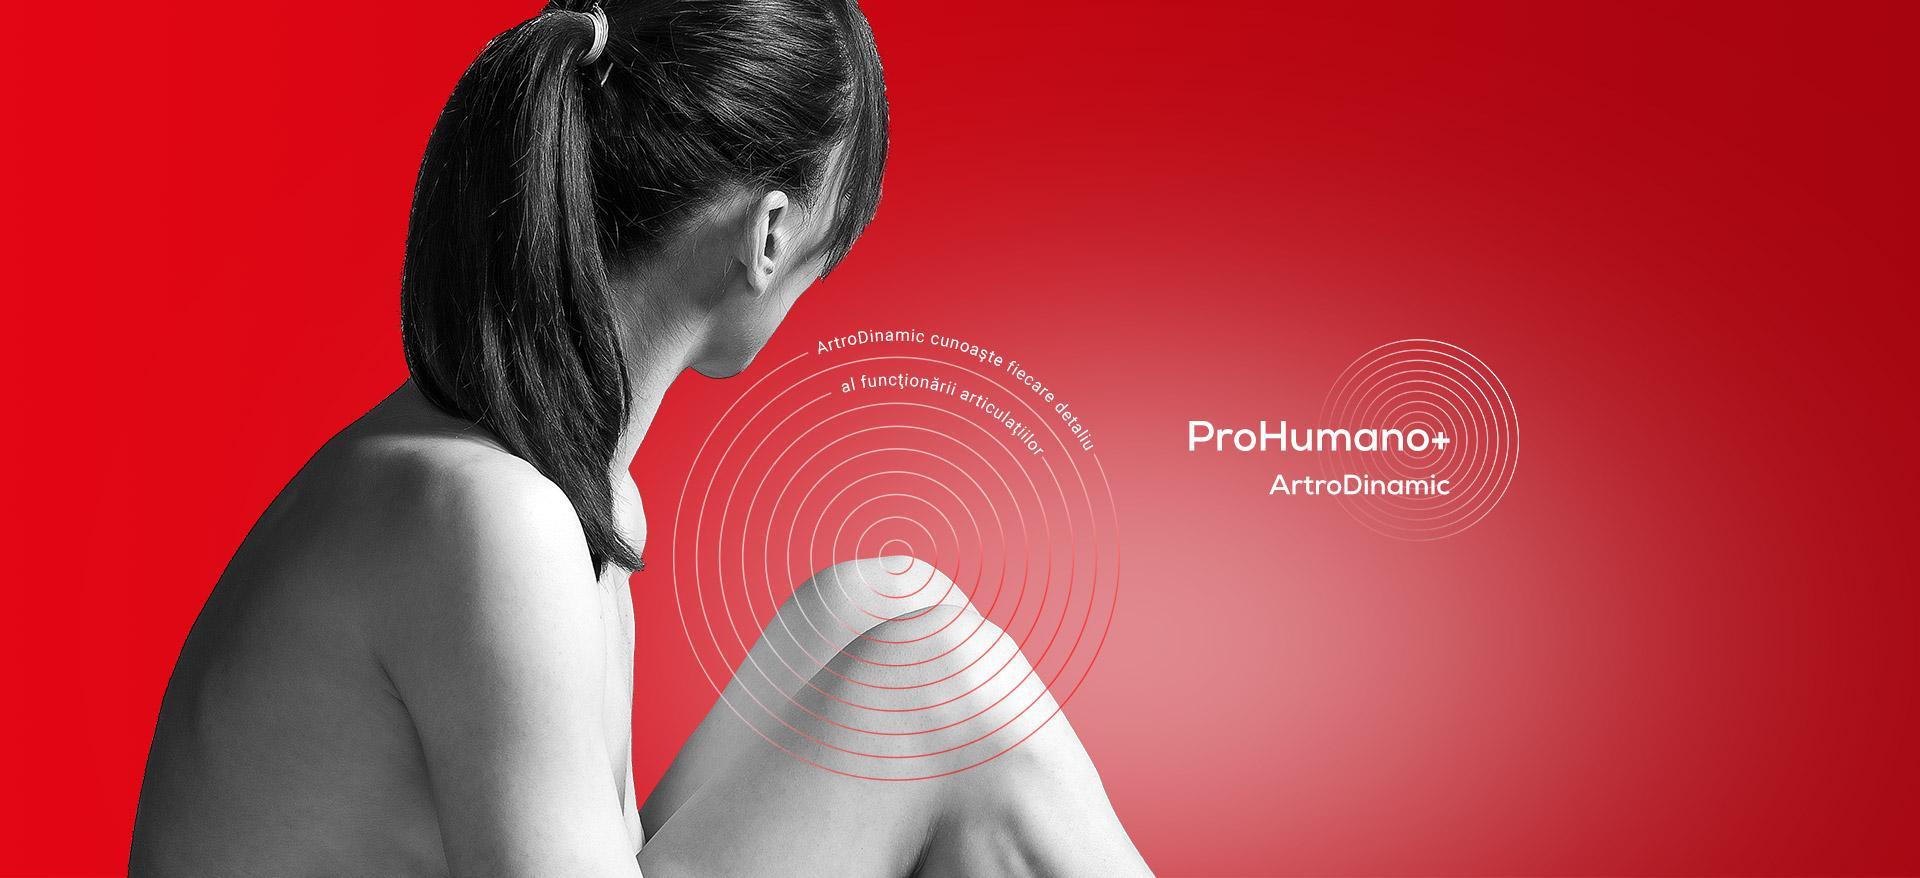 ArtroDinamic stimulează regenerarea cartilajului